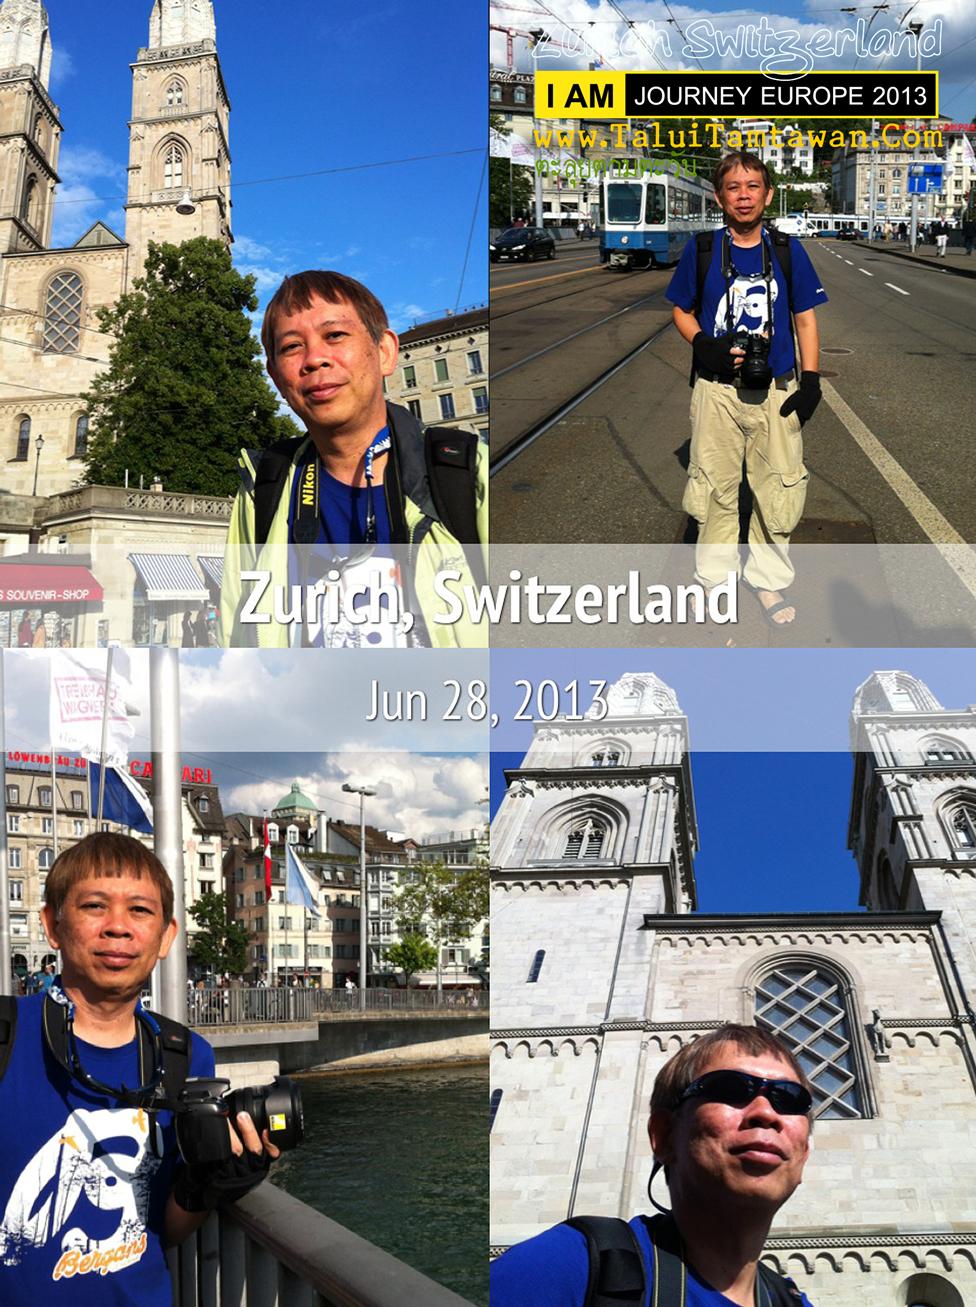 Walking in Zurich : ใช้เวลาเต็มที่กับ การเดินชมเมืองและบันทึกภาพมาฝากครับ